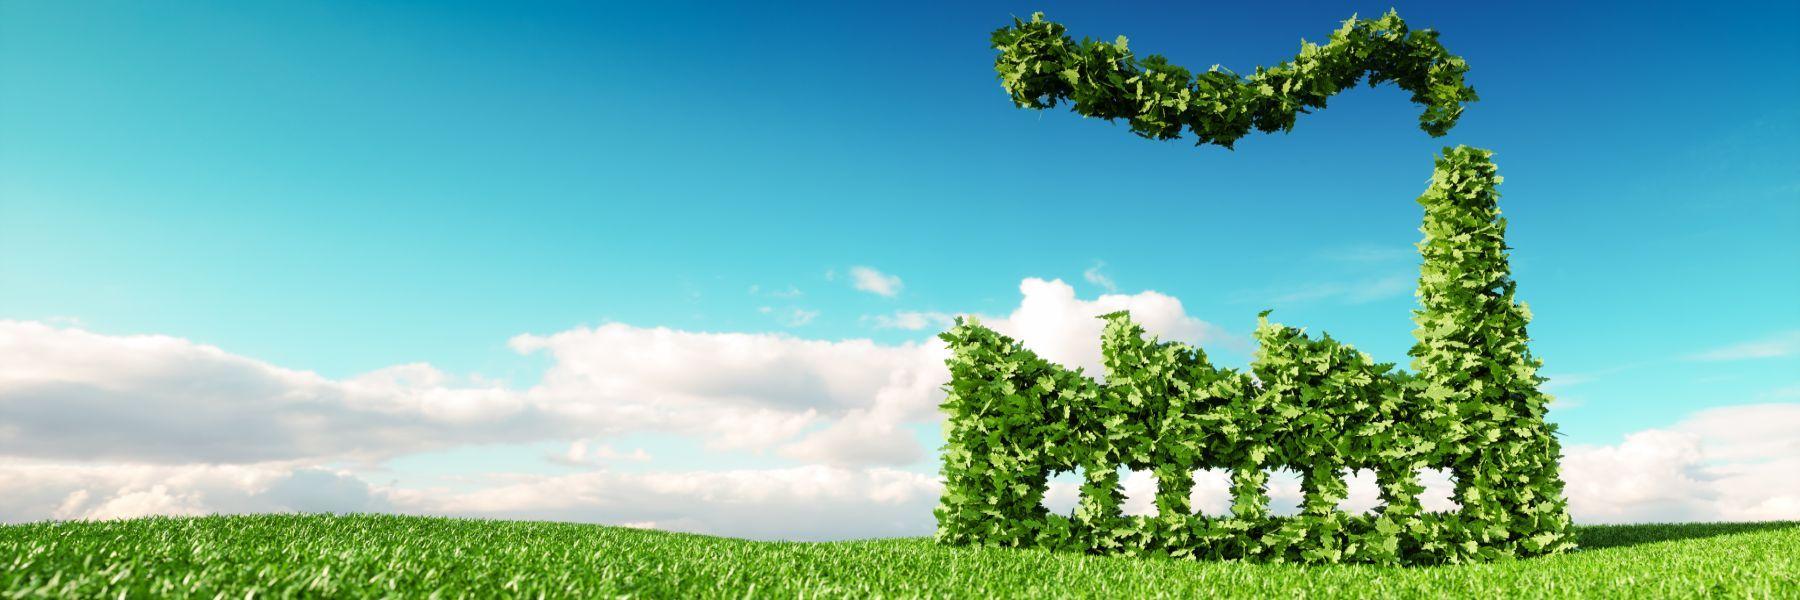 Symbolisch aus grünen Blättern grafisch dargestellte Fabrik auf Wiese mit blauem Himmel